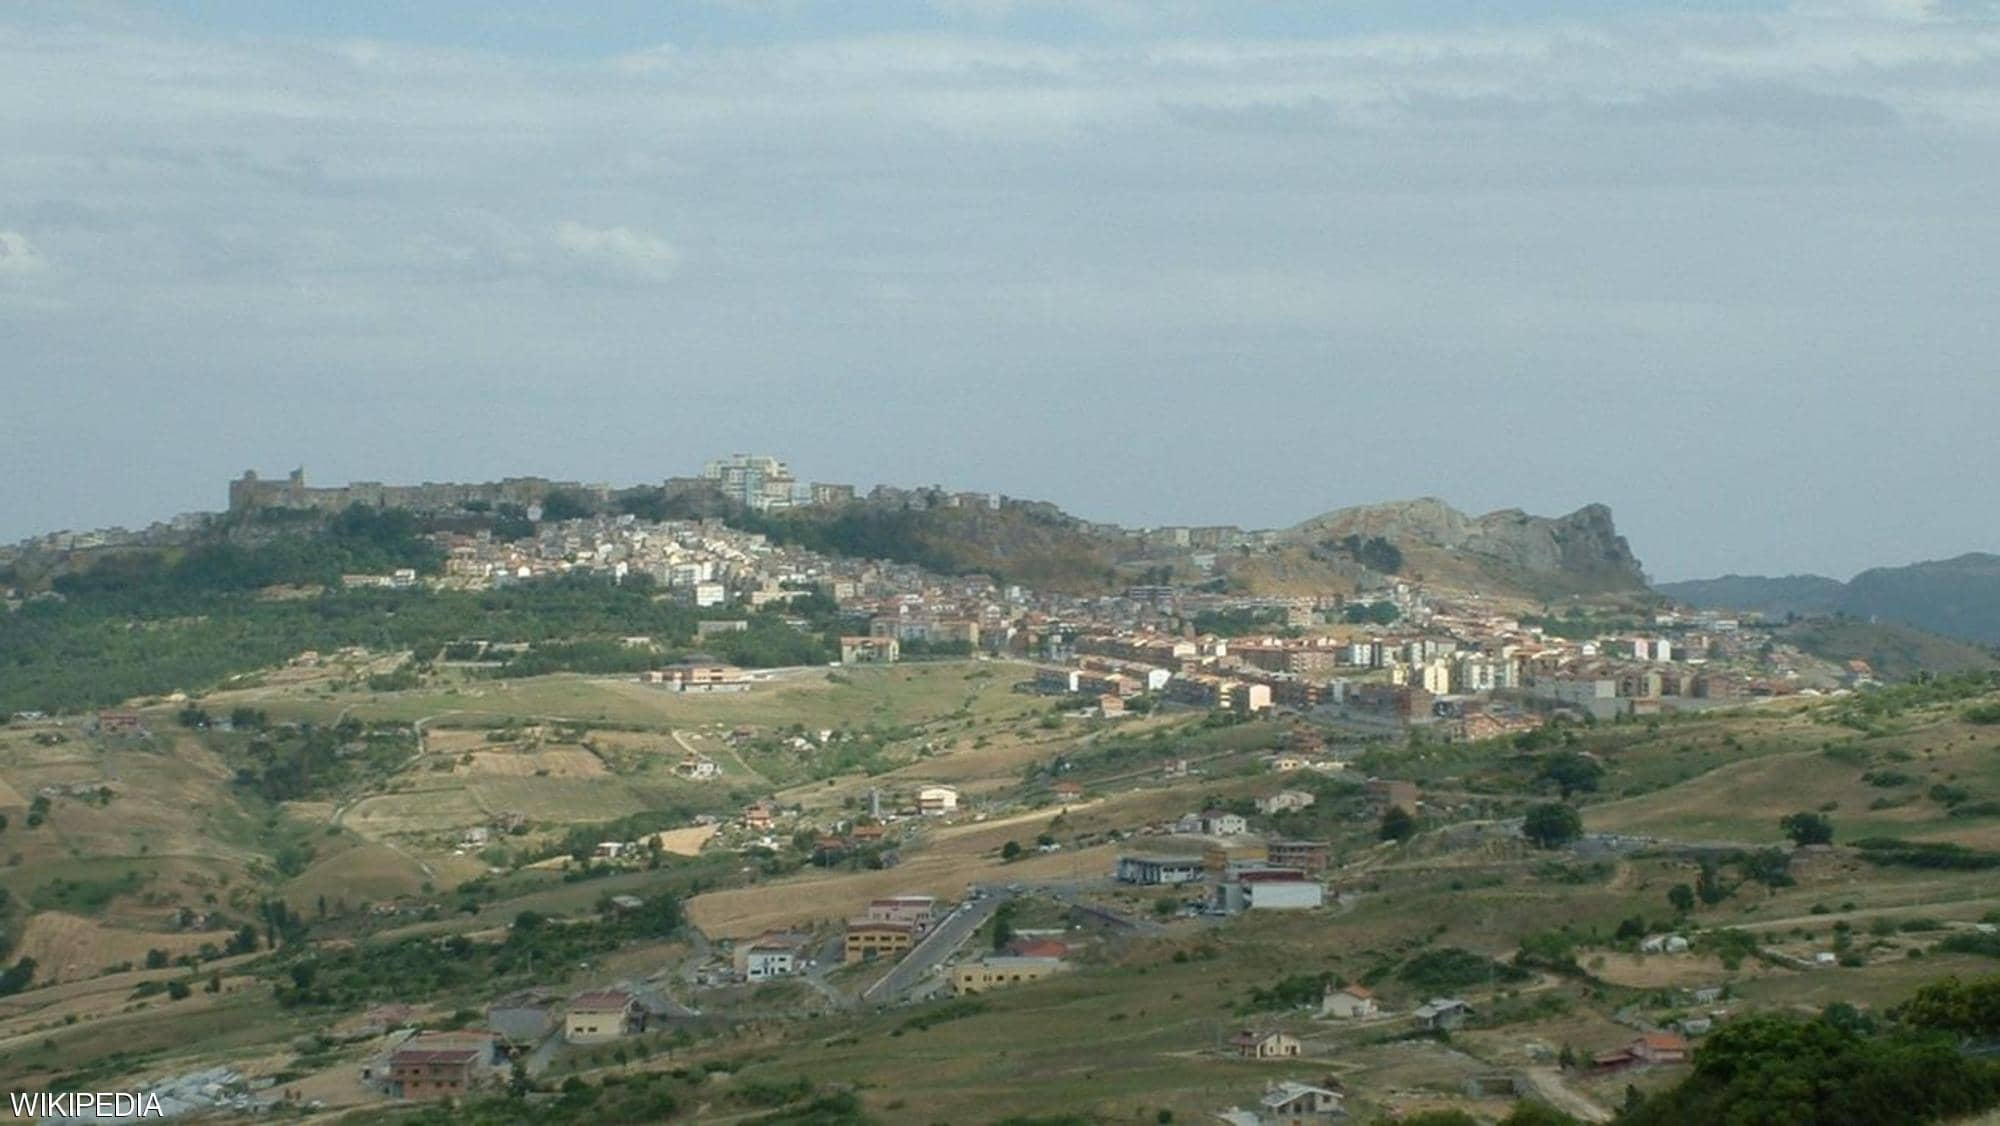 بلدة إيطالية تعرض منازلها للبيع بيورو واحد 4